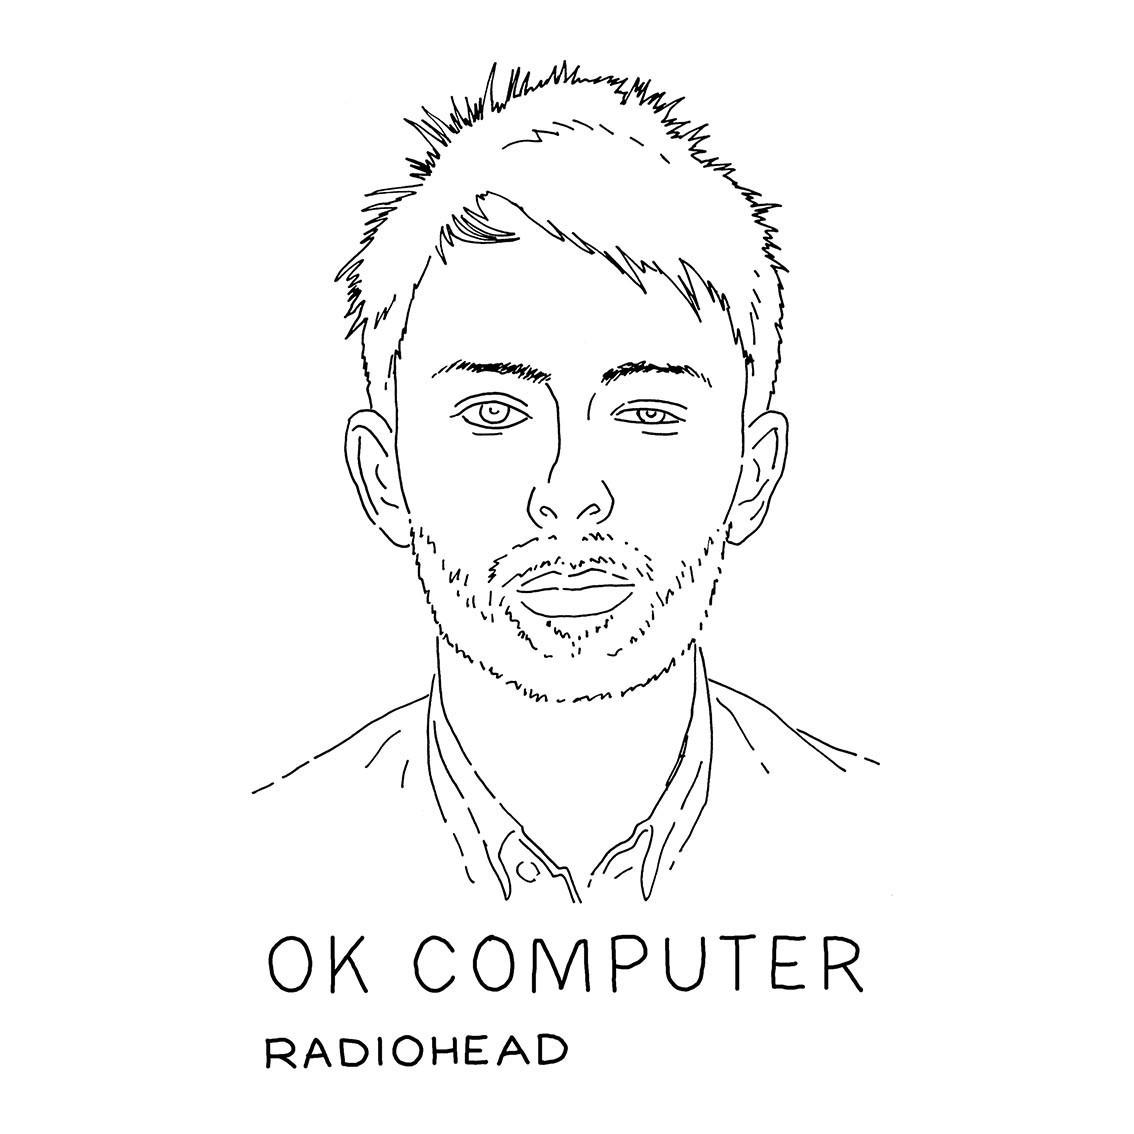 Quadro A4 - Radiohead BR